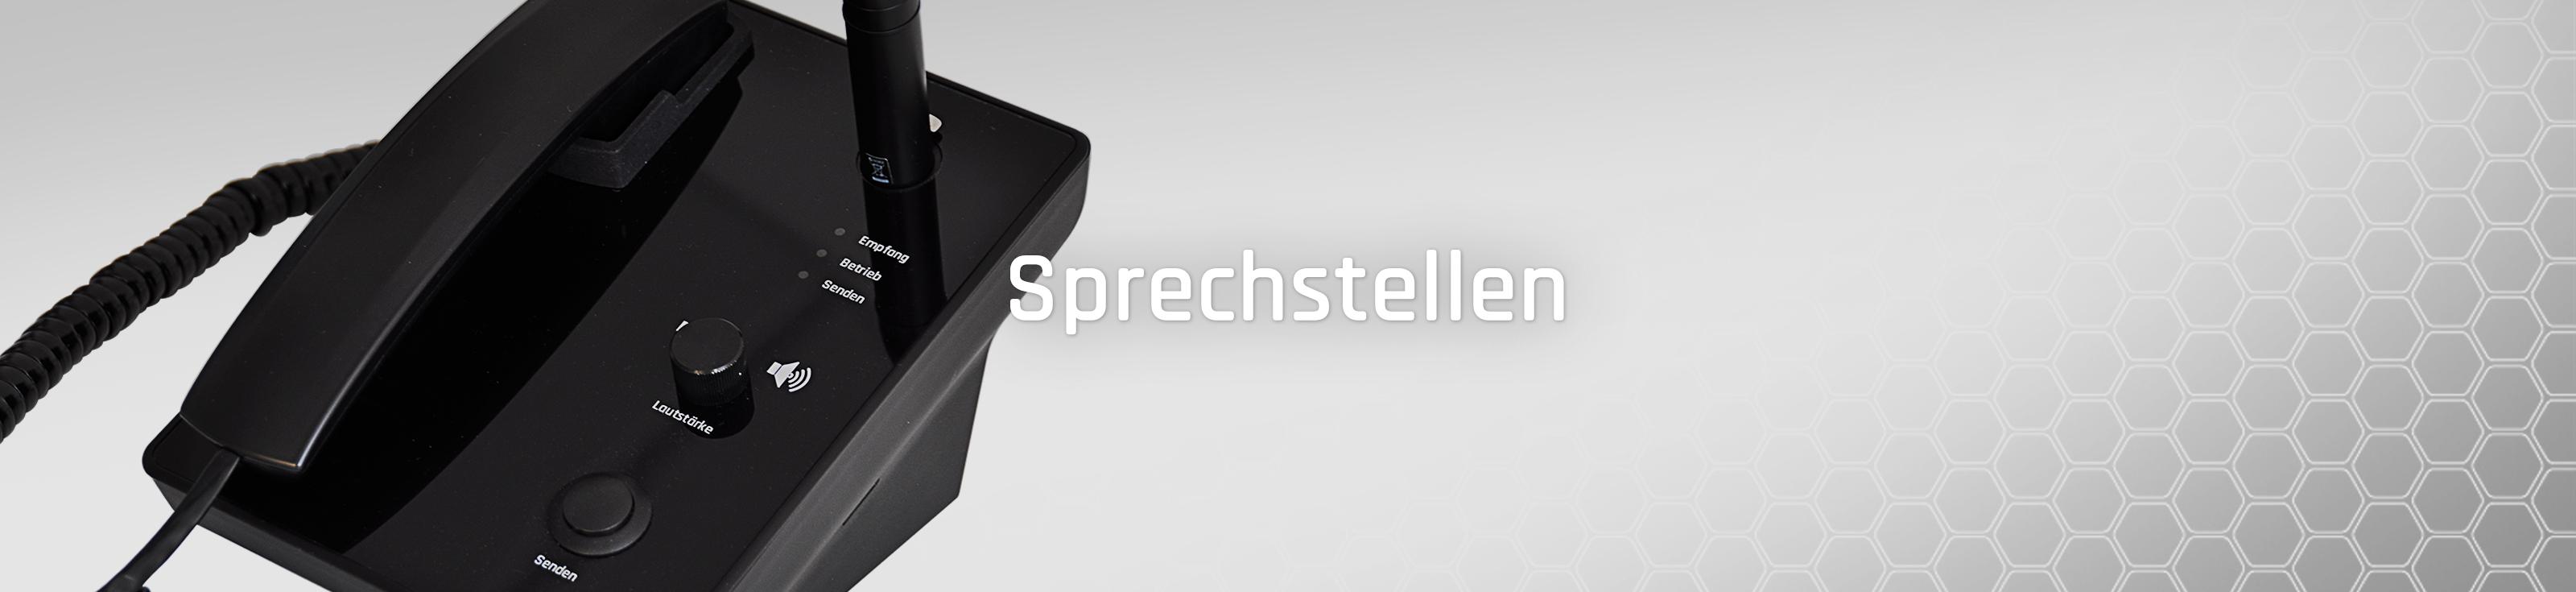 slider_sprechstellen_prod